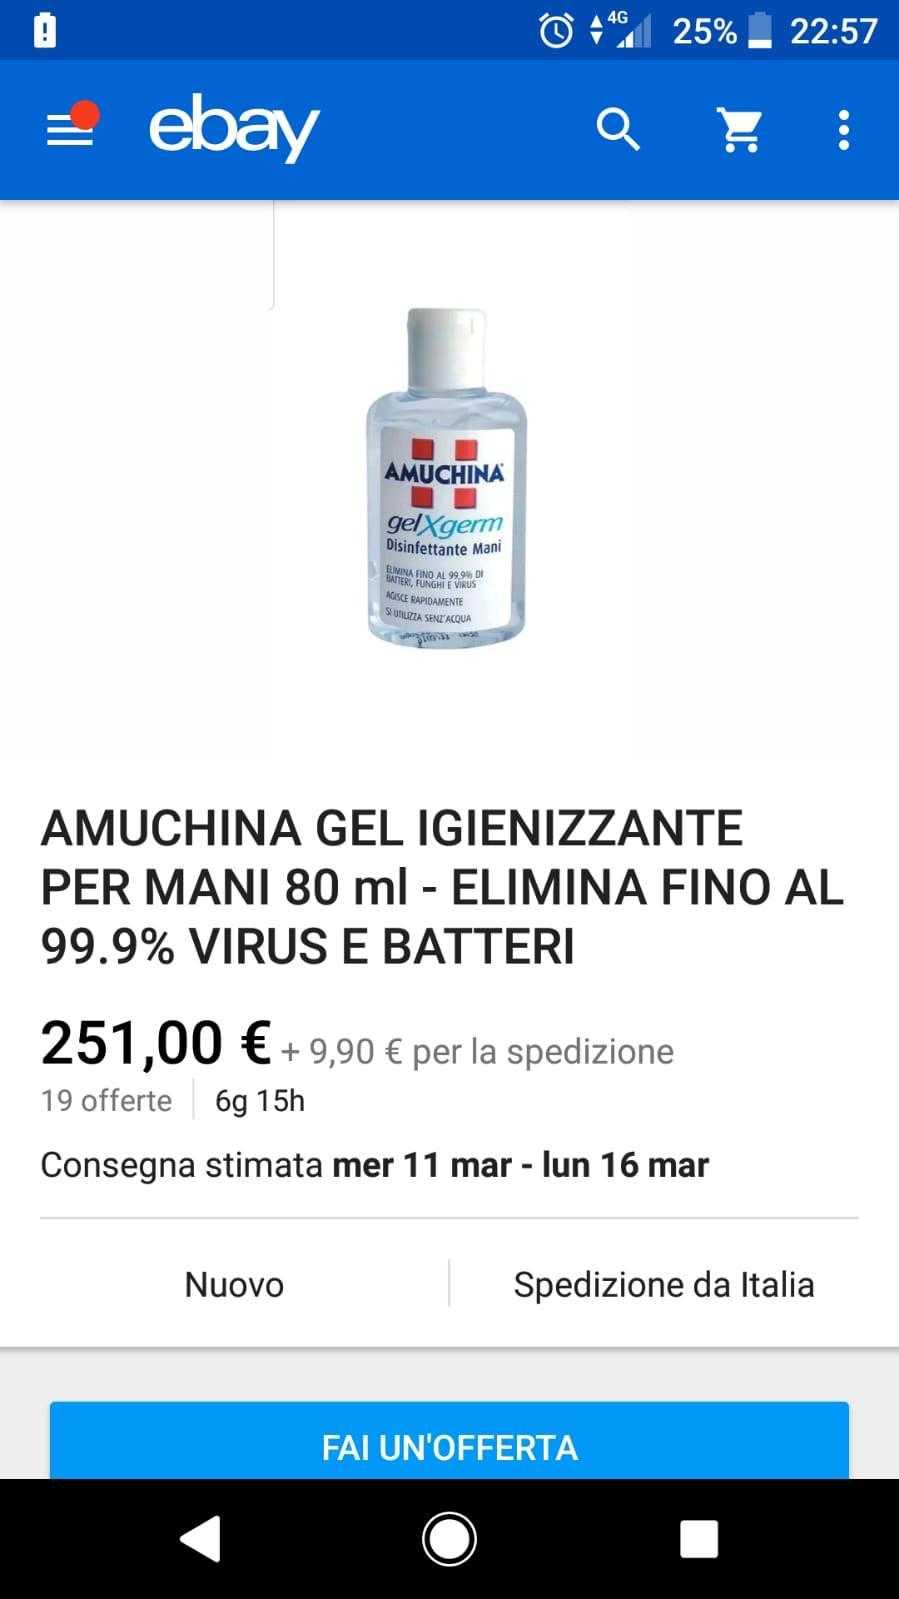 Короновирус в Италии: новости из красной зоны.